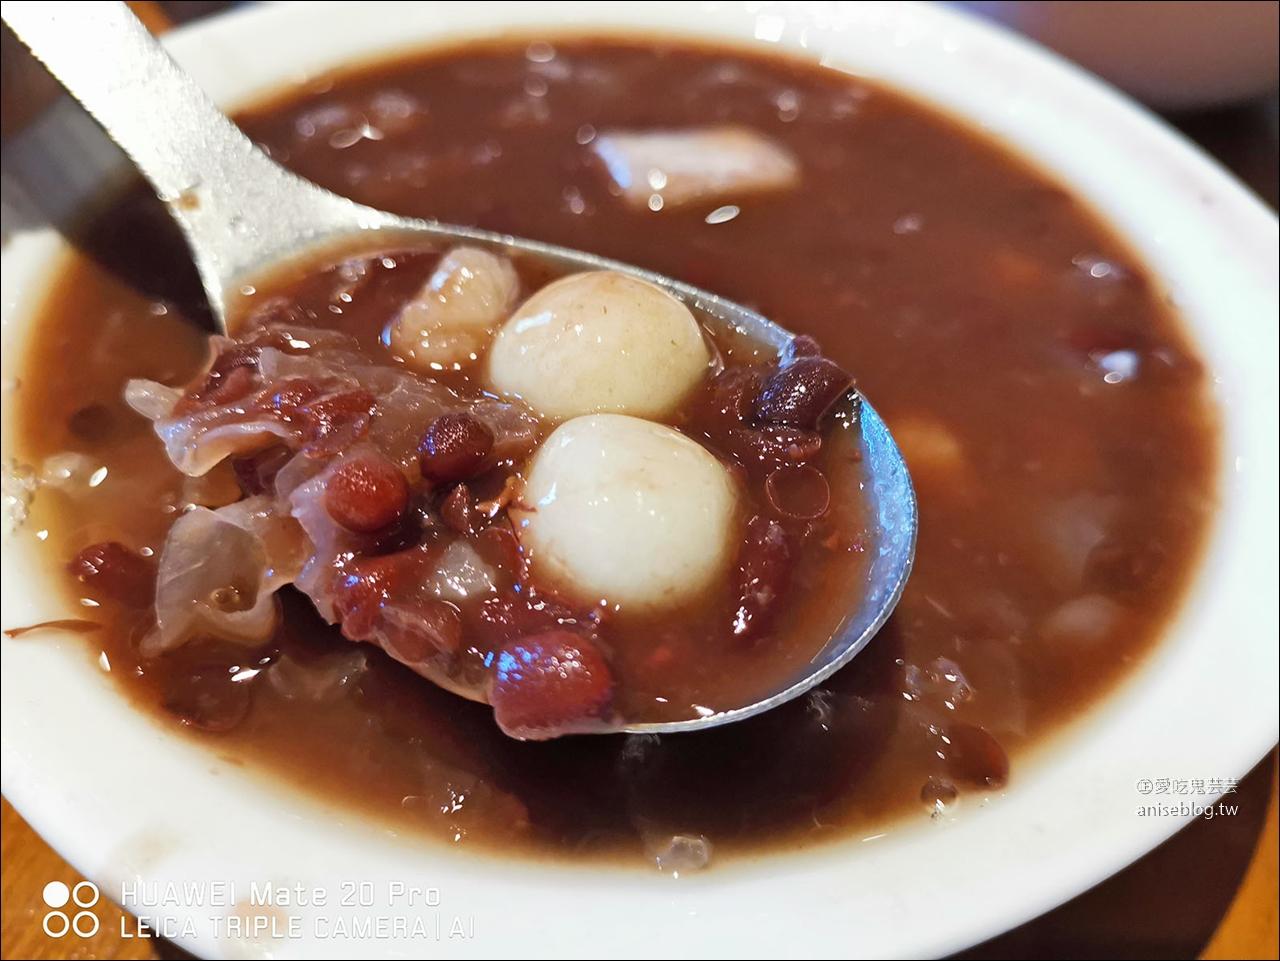 今日熱門文章:雙連圓仔湯,冬至、元宵來碗熱呼呼的湯圓